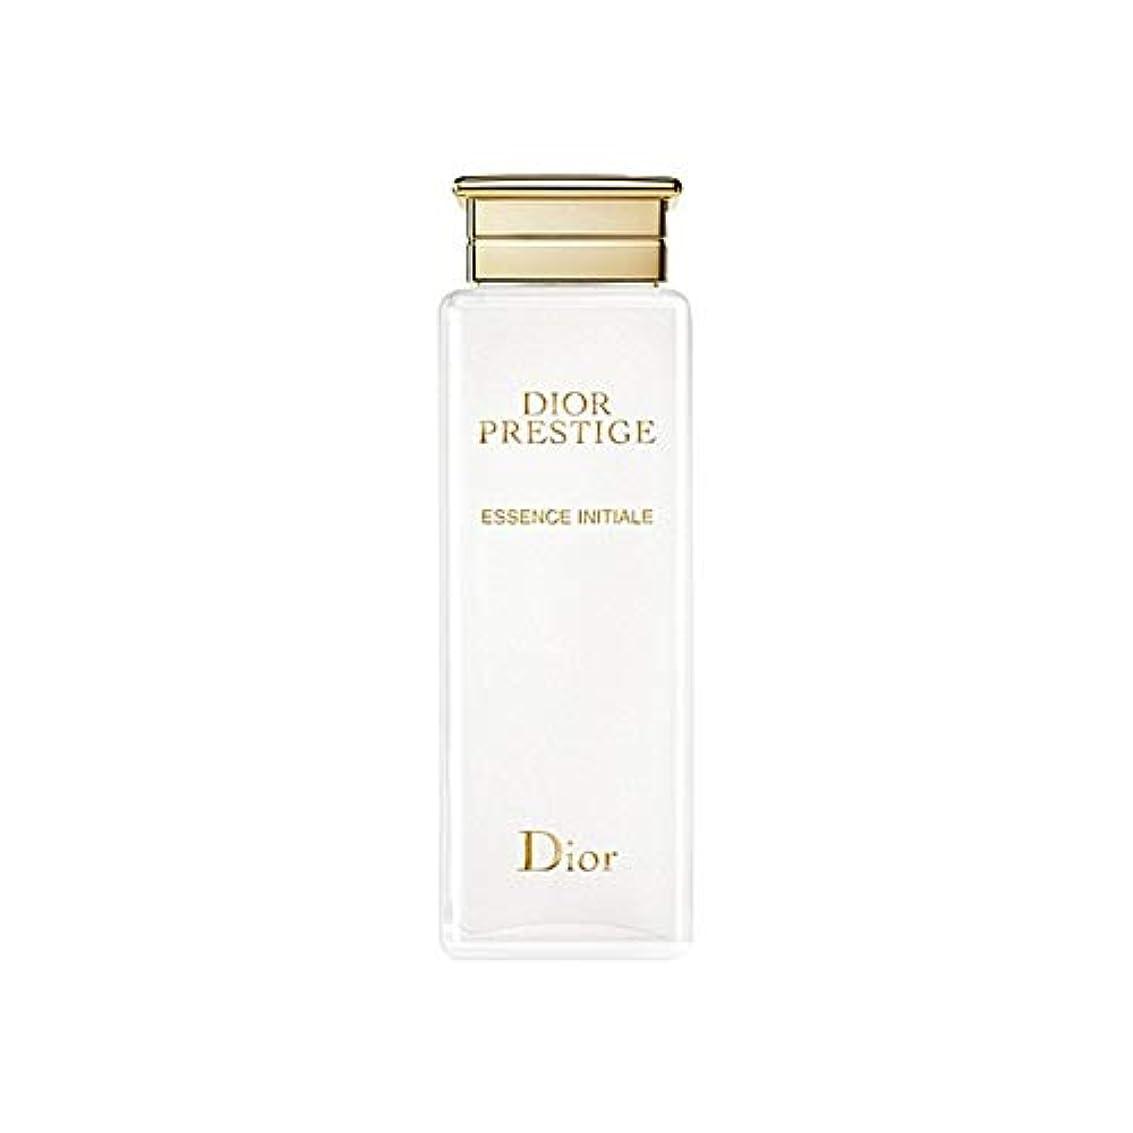 プリーツ失望忌まわしい[Dior] 血清200ミリリットルイニシャルディオールプレステージエッセンス - Dior Prestige Essence Initiale Serum 200ml [並行輸入品]